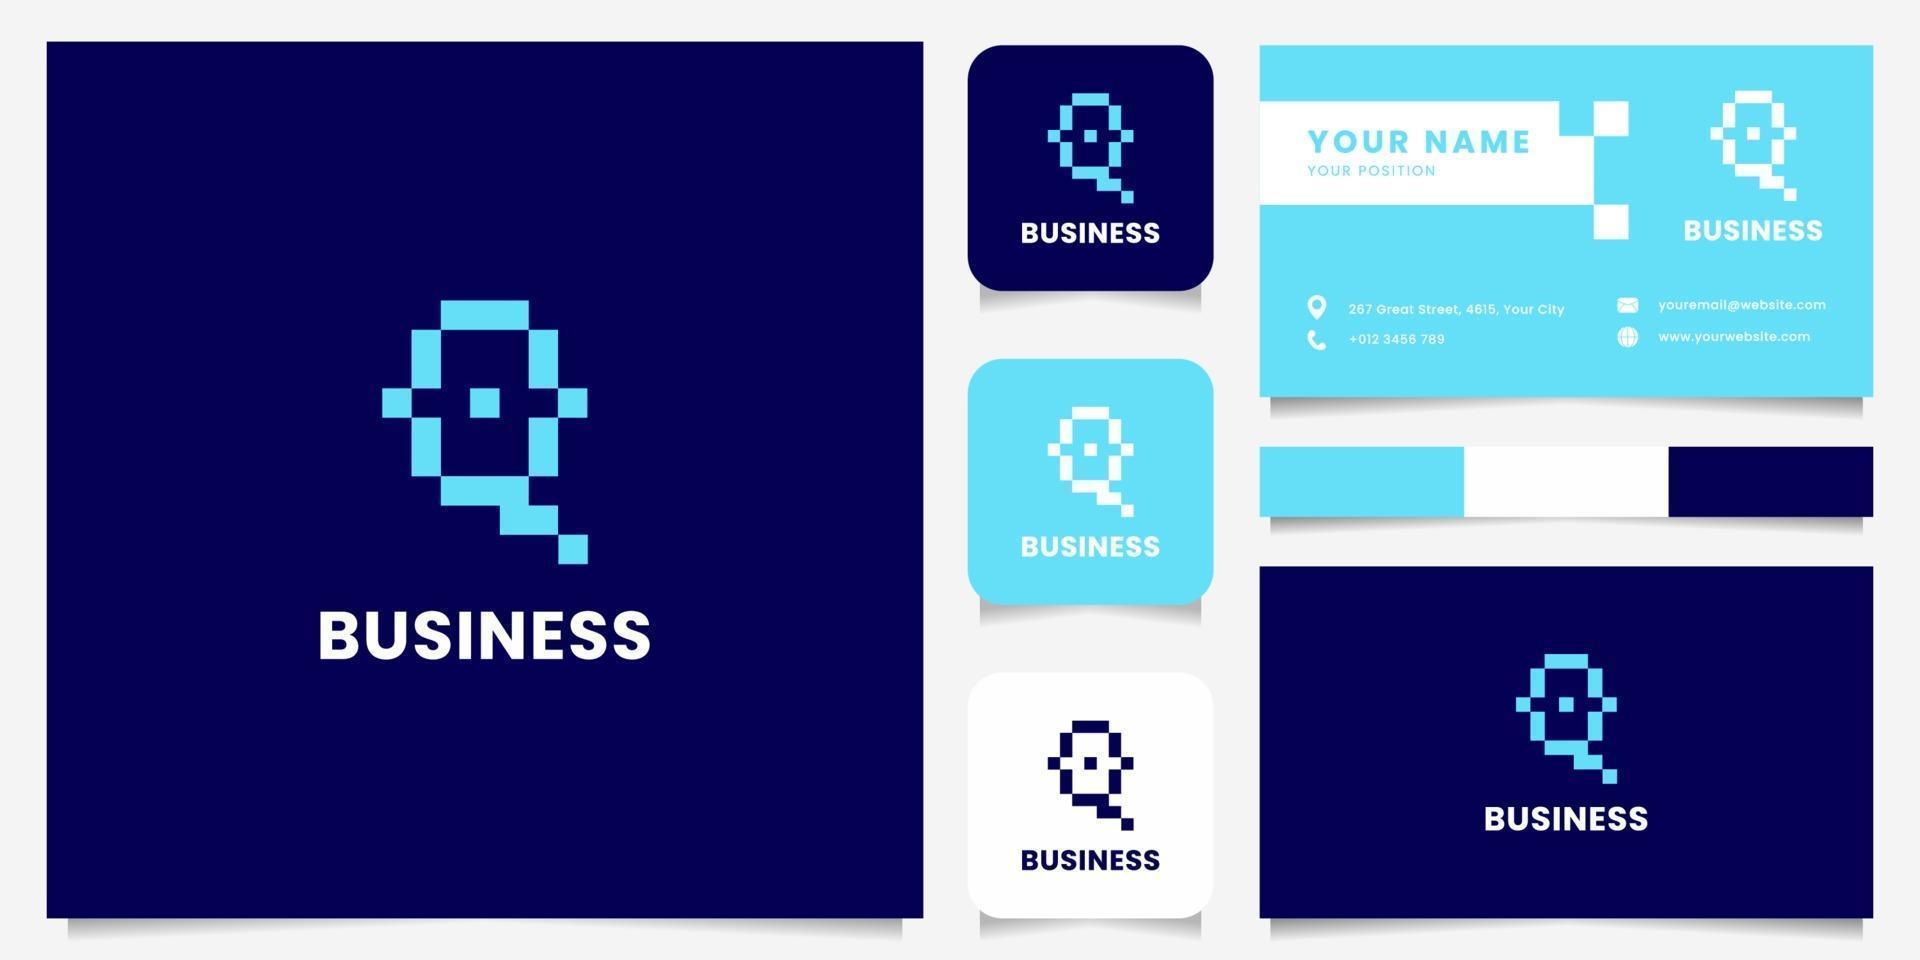 einfaches und minimalistisches blaues Pixelbuchstaben-Q-Logo mit Visitenkartenschablone vektor